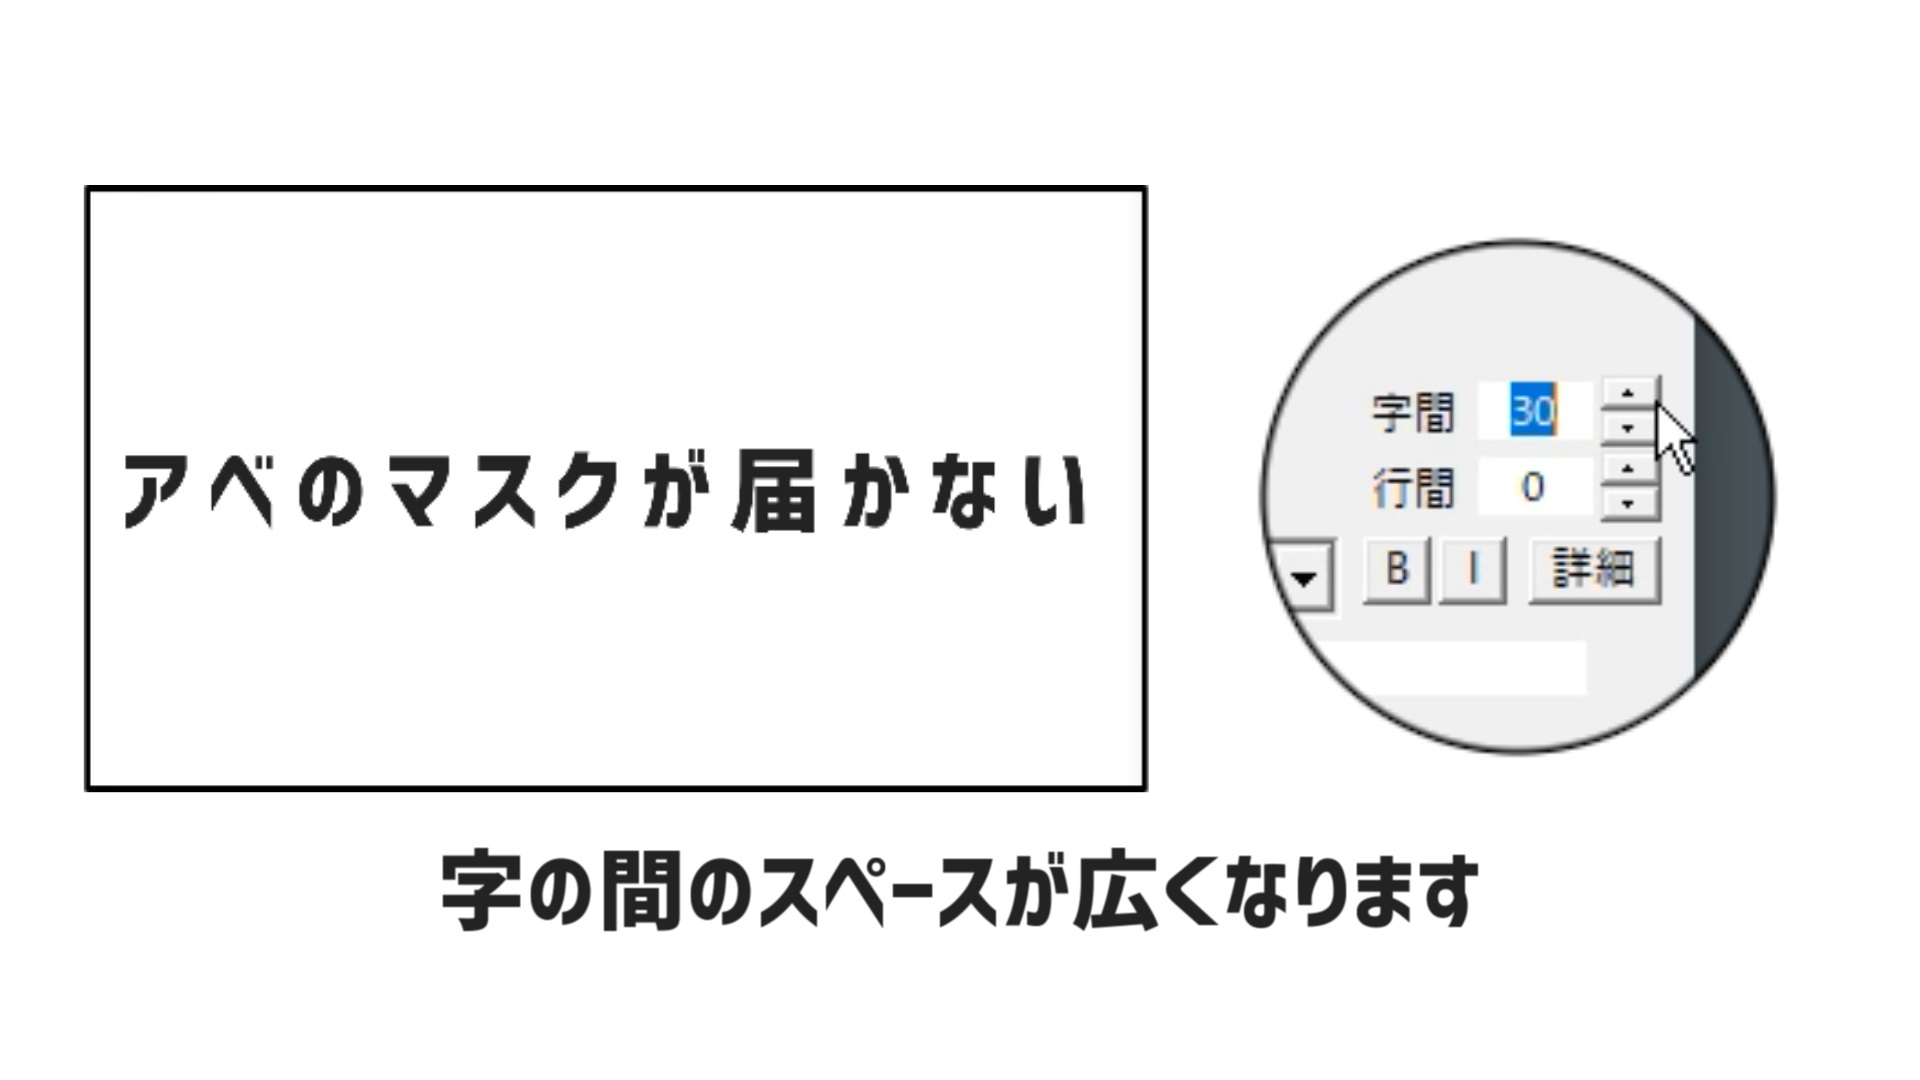 字間の数値を低くすると字の間隔が狭くなり、逆に数値を高くすると字の間隔が広がります。